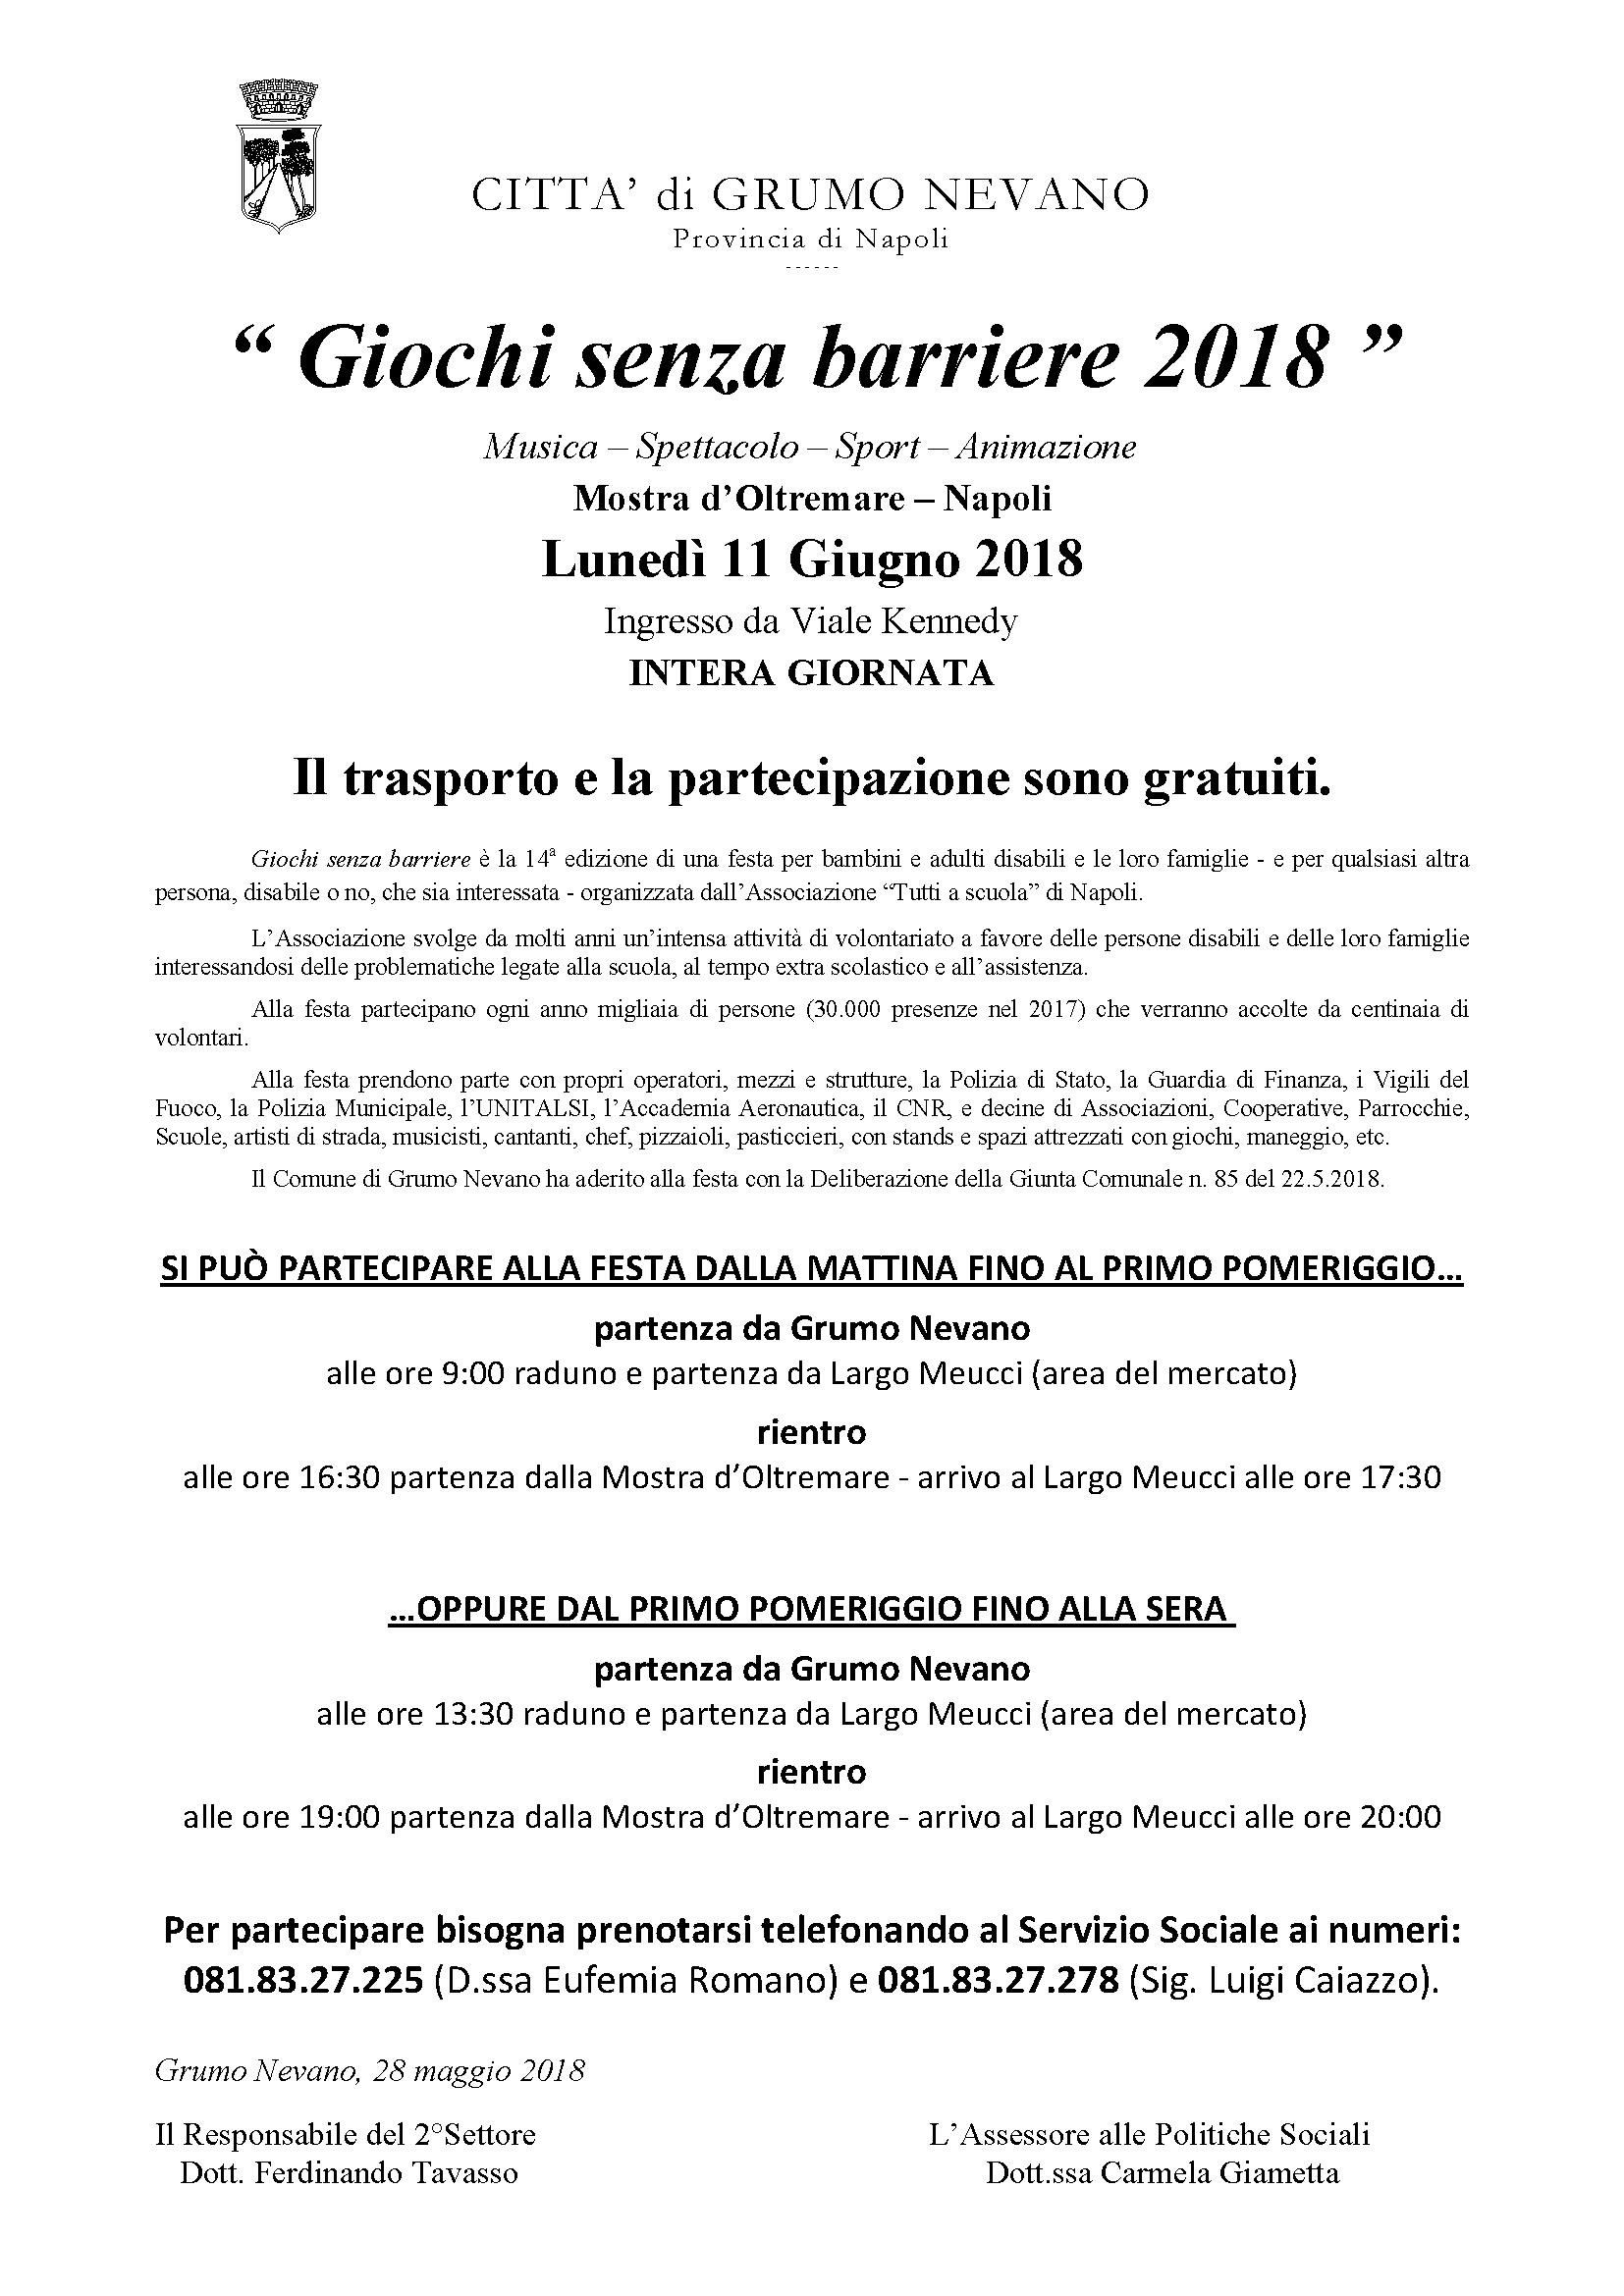 manifesto Giochi senza barriere 2018 da affiggere il 28_5_2018